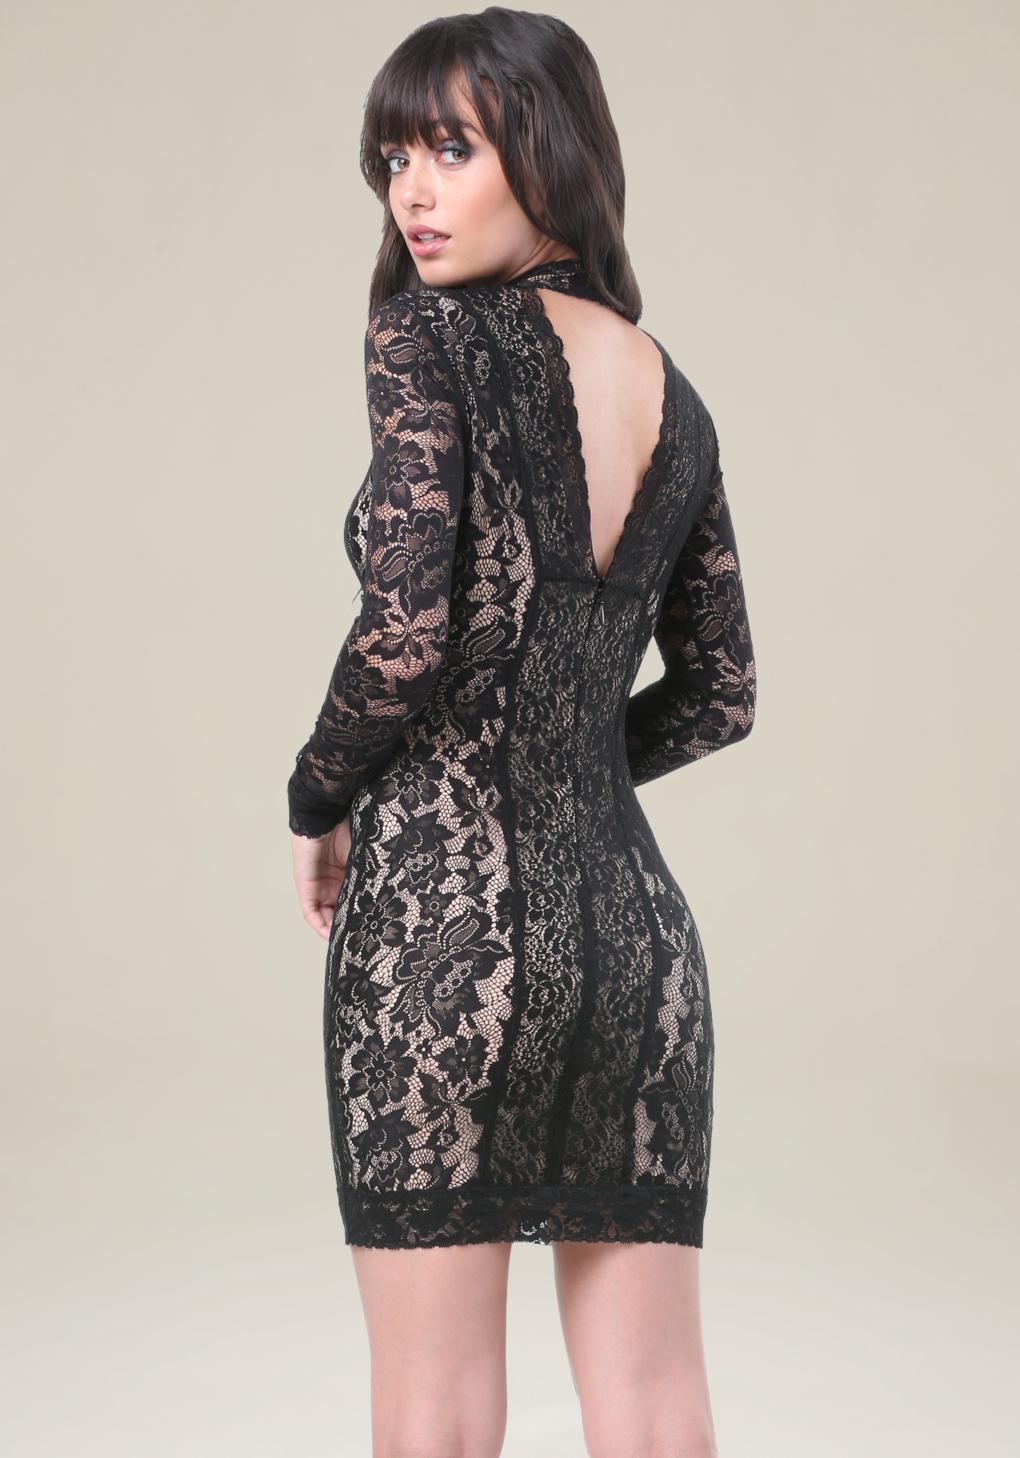 92427b8ea9 Lyst - Bebe Lace Panel Mock Neck Dress in Black